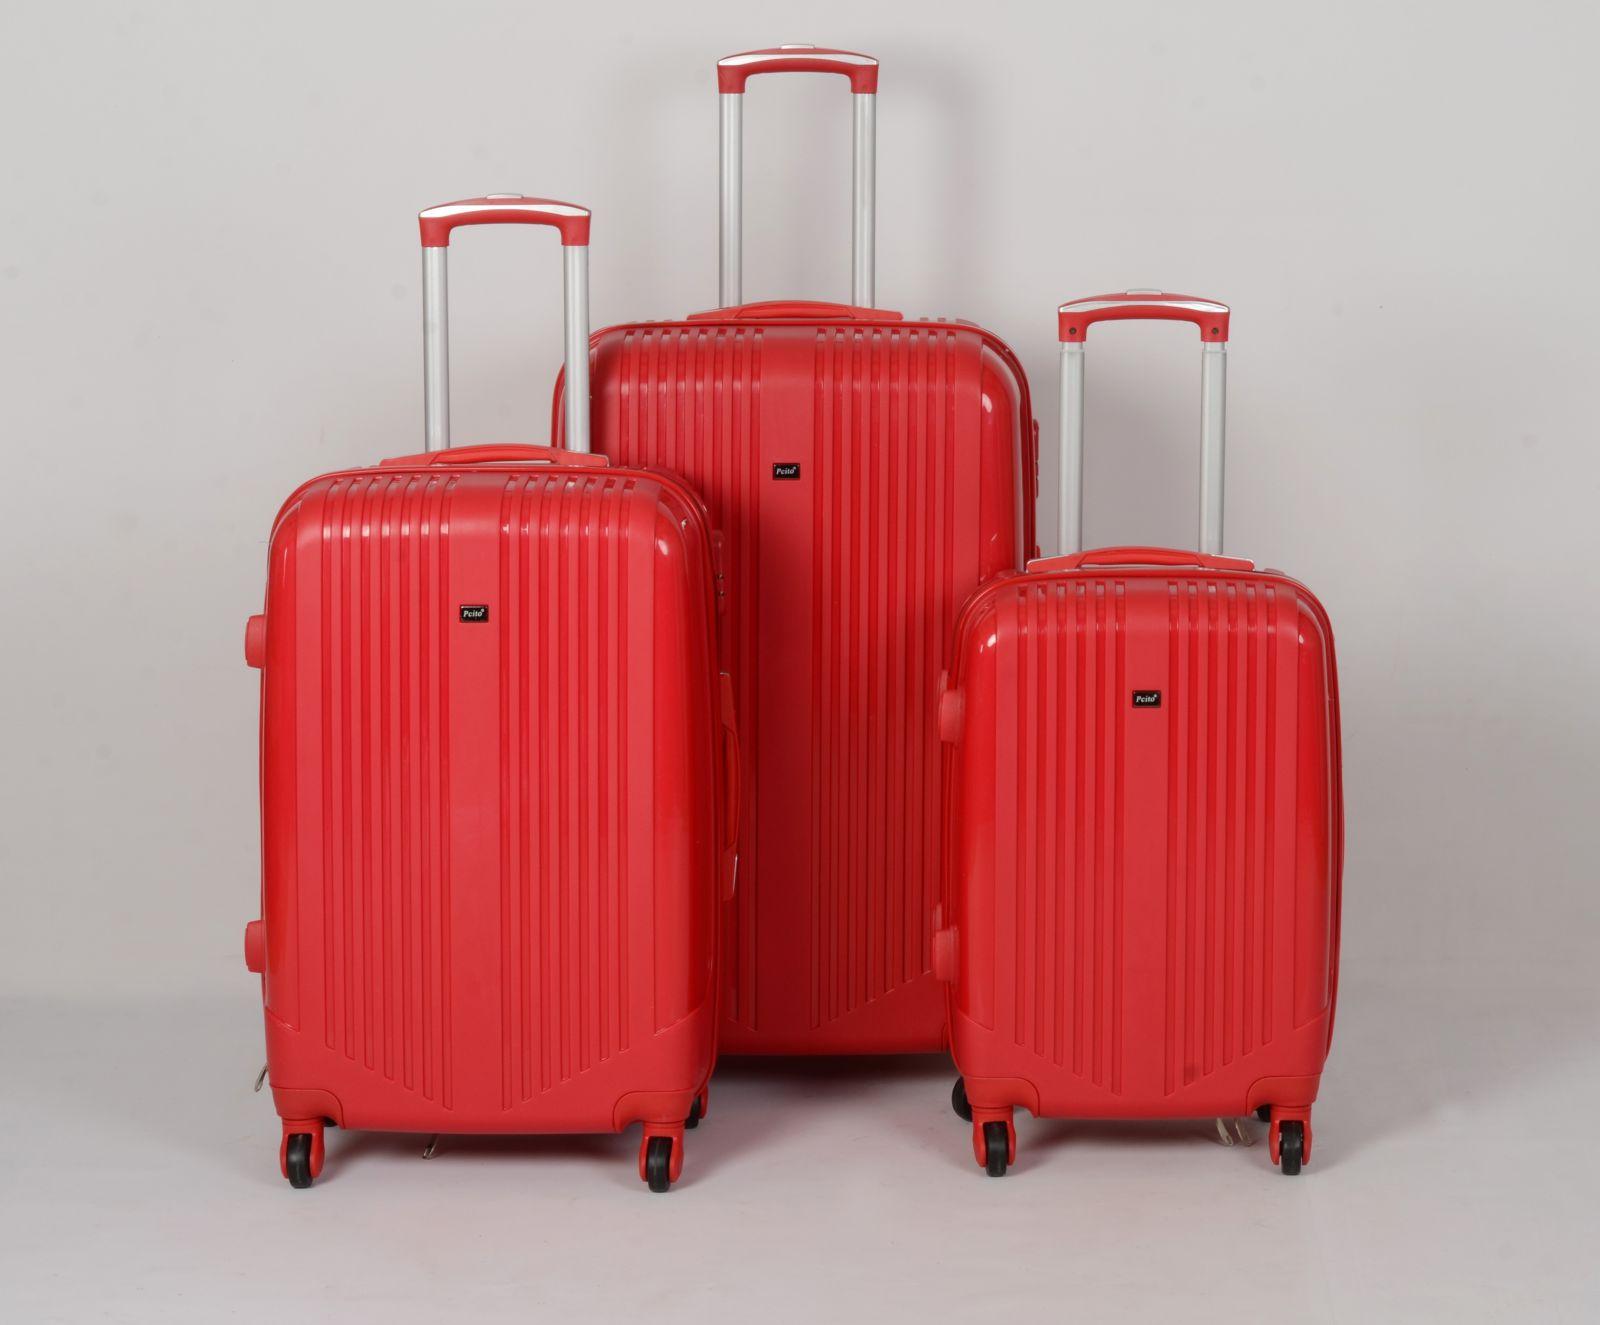 Cestovní kufry sada ABS Trolleykoffer TR-A27 červená